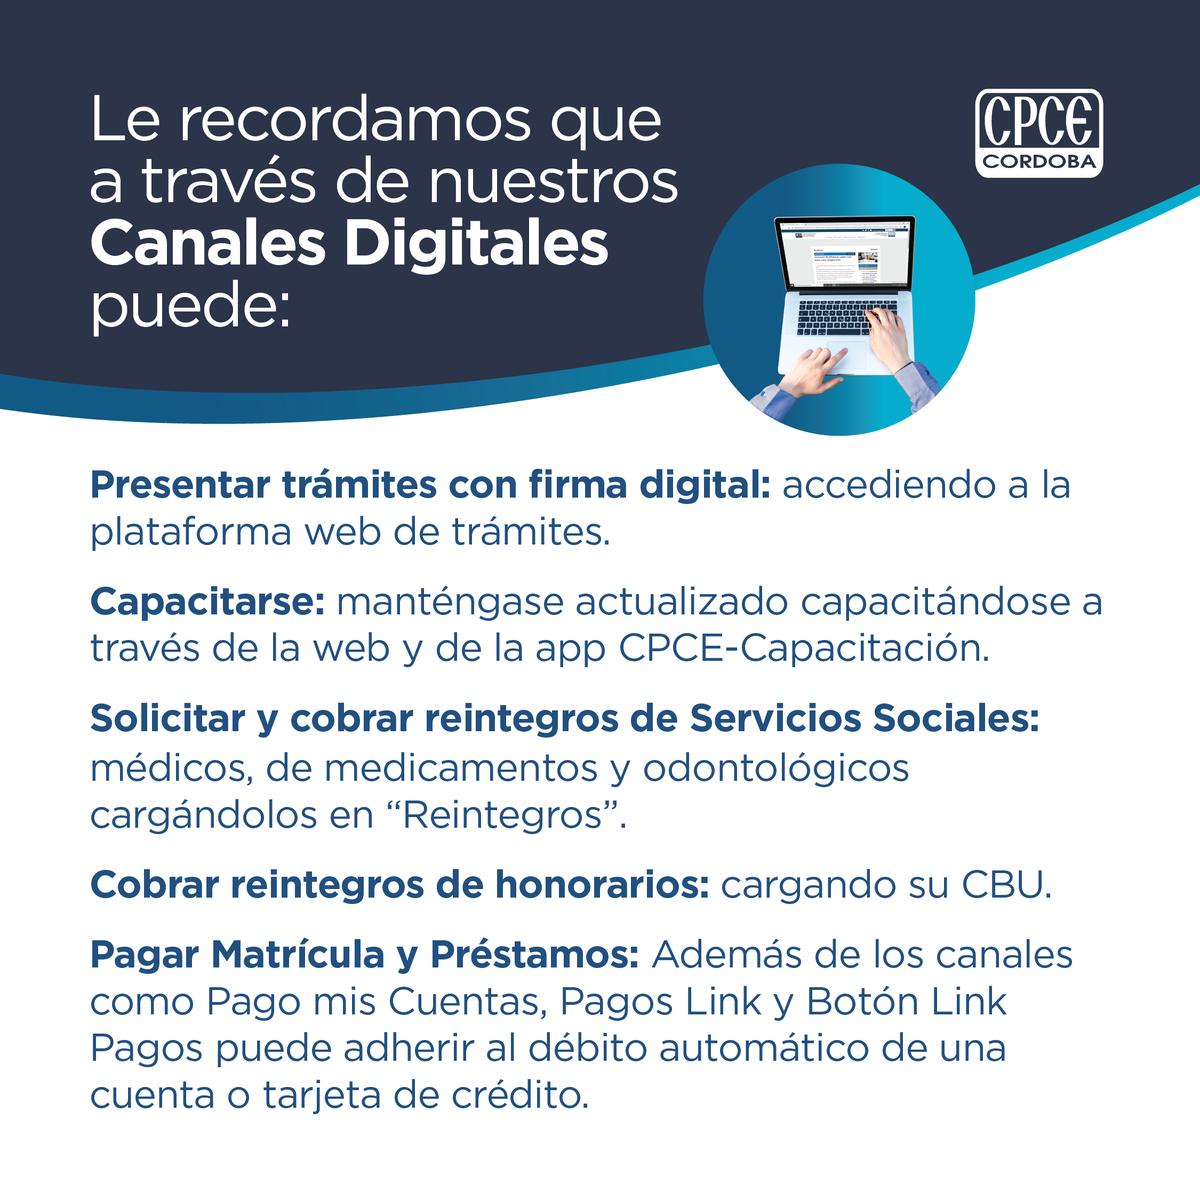 CPCE Córdoba @CPCECordoba: ☑️ Trámites web ☑️ Capacitaciones ☑️ Asesoramiento Y mucho más ▶ a través de nuestros Canales Digitales https://t.co/8SEFAS2IPA